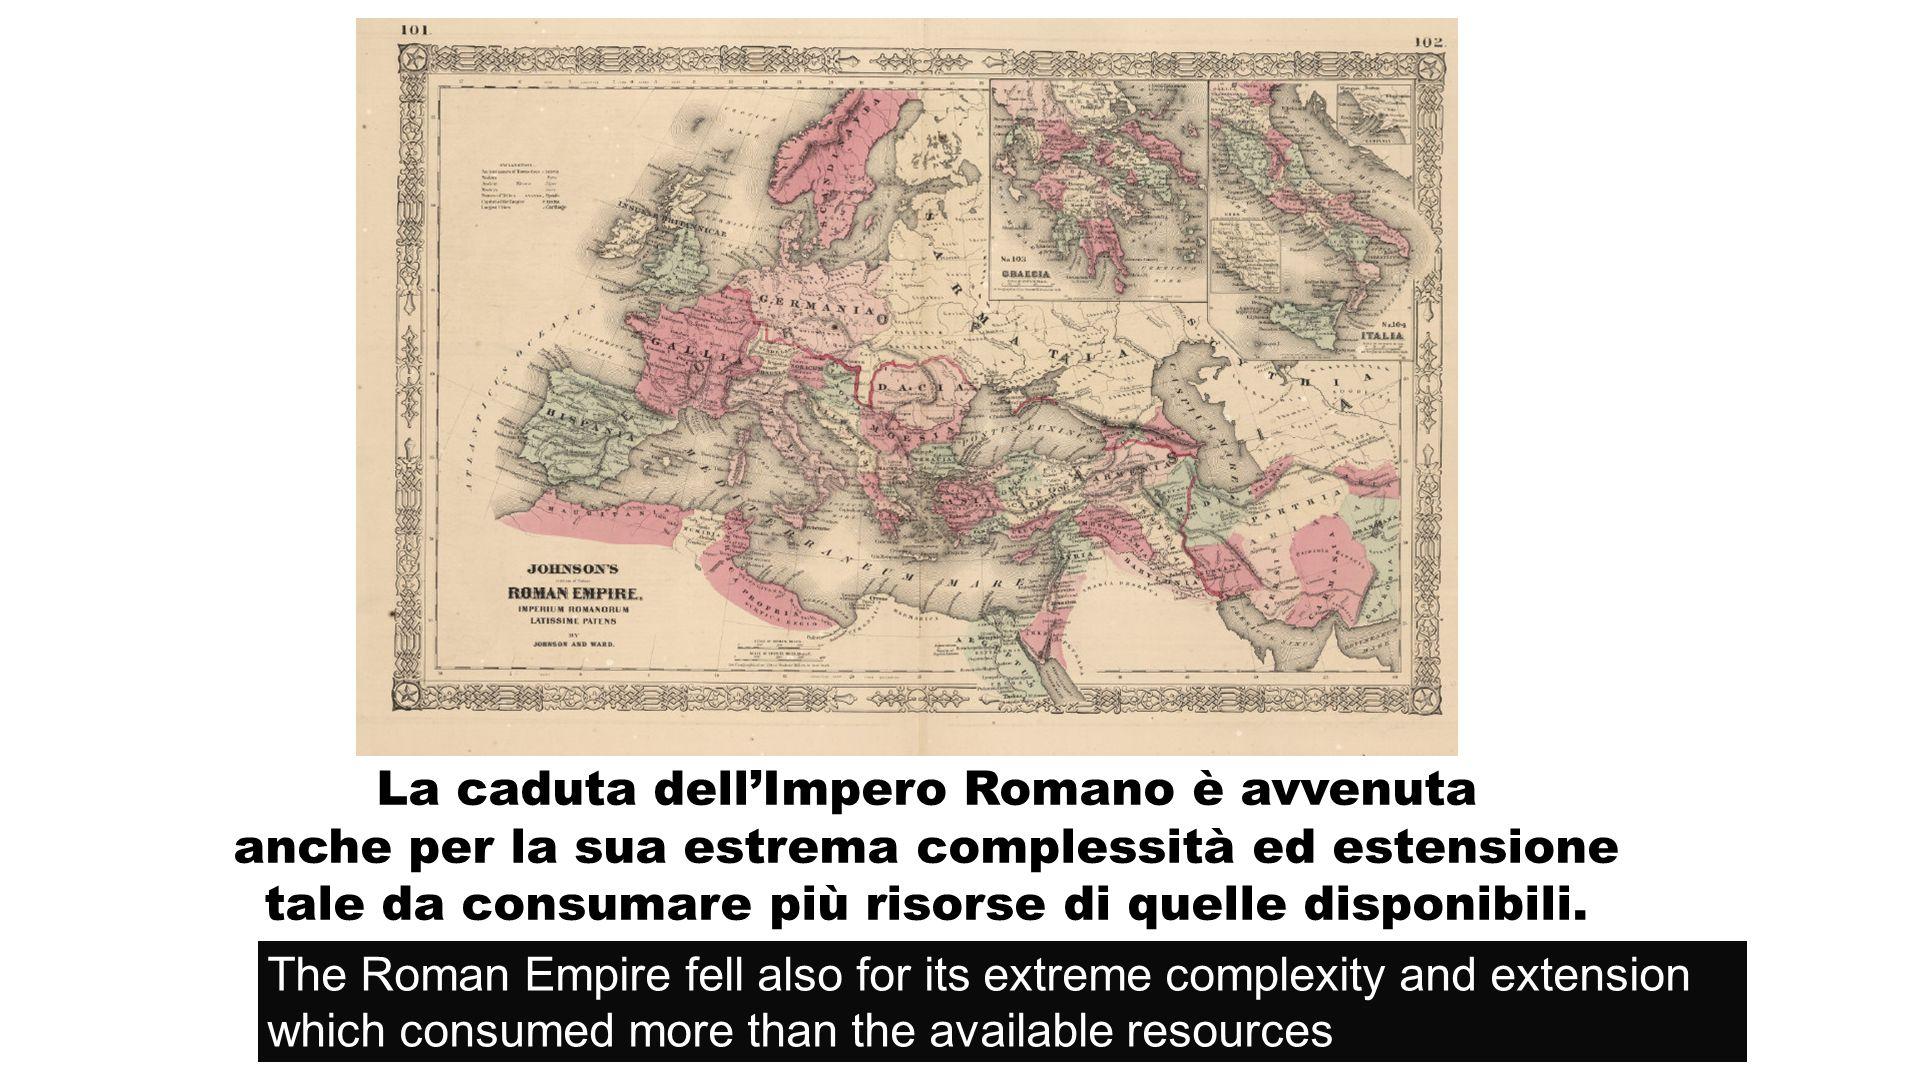 La caduta dellImpero Romano è avvenuta anche per la sua estrema complessità ed estensione tale da consumare più risorse di quelle disponibili.